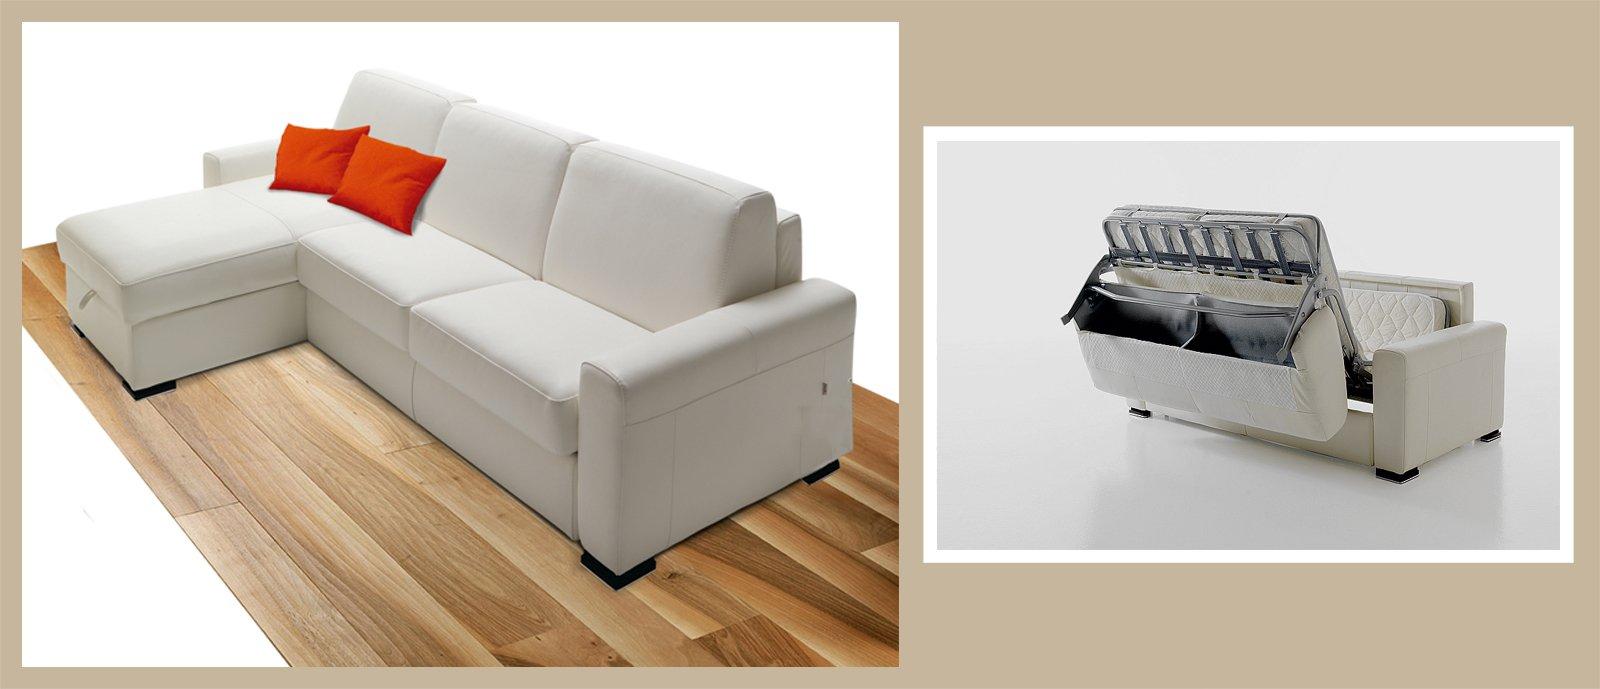 Divano o letto imbottiti trasformabili cose di casa - Copridivano per divano con chaise longue ...